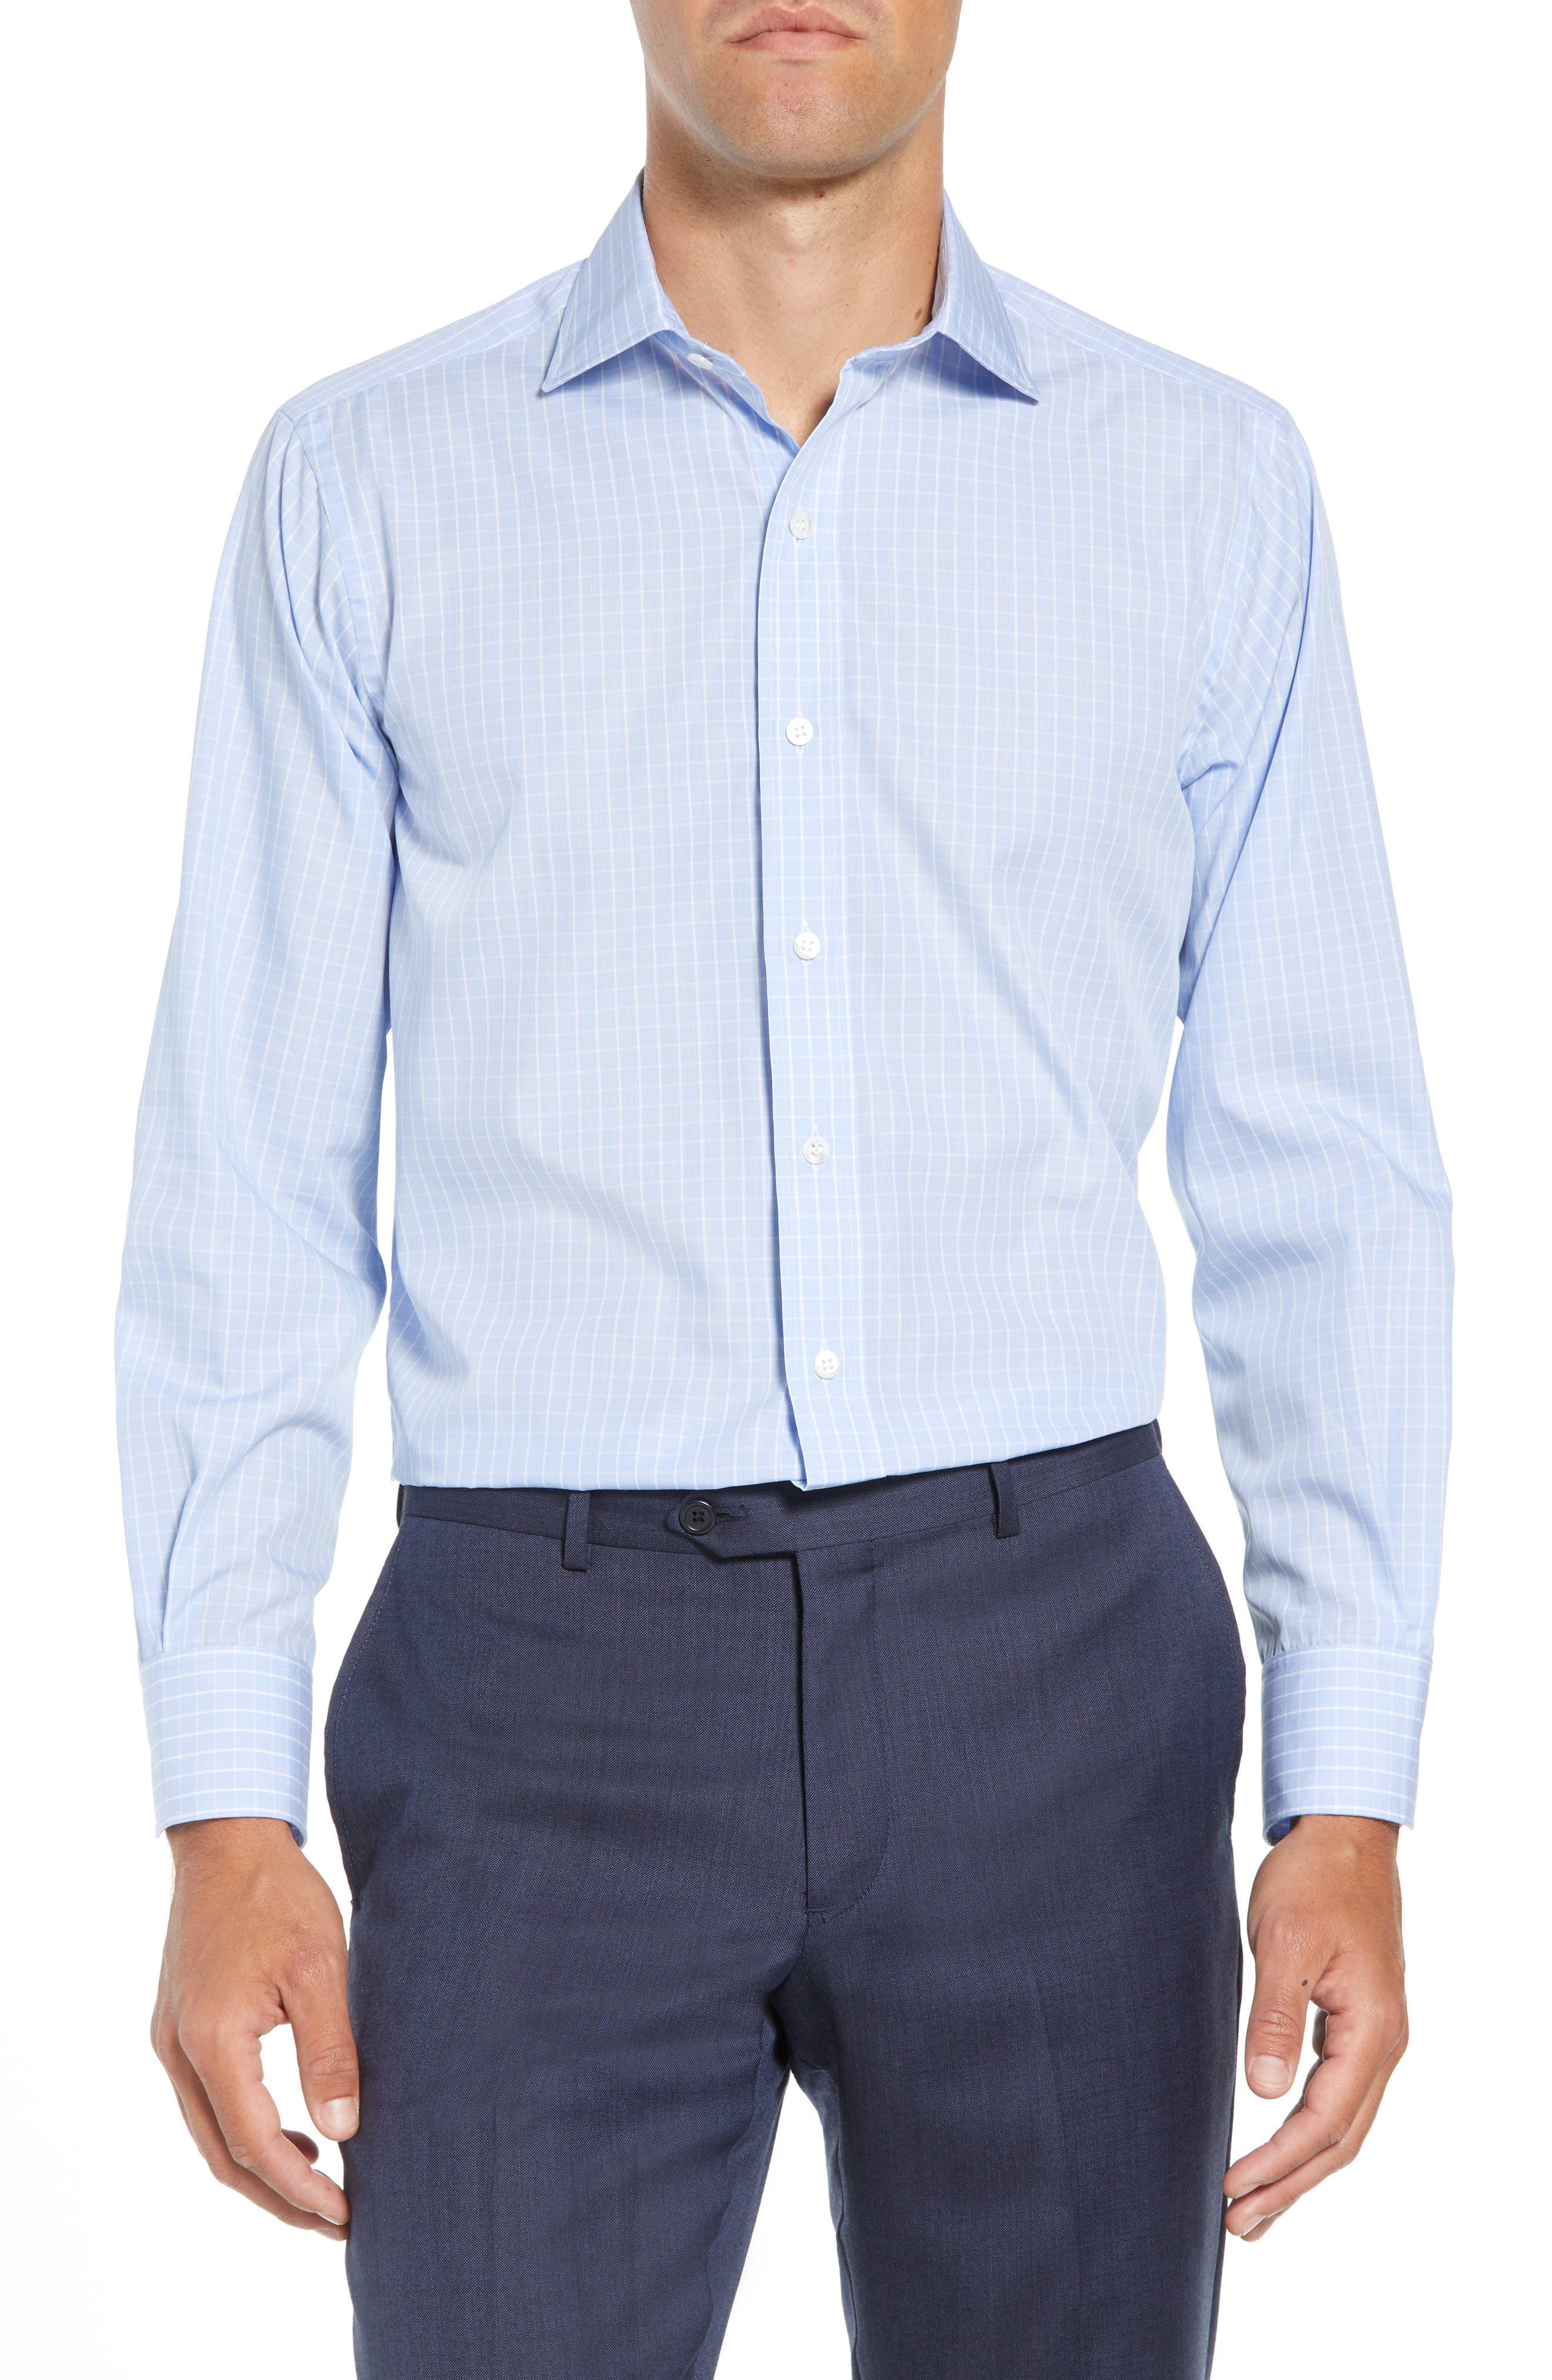 McBride Trim Fit Check Dress Shirt,                         Main,                         color, BLUE